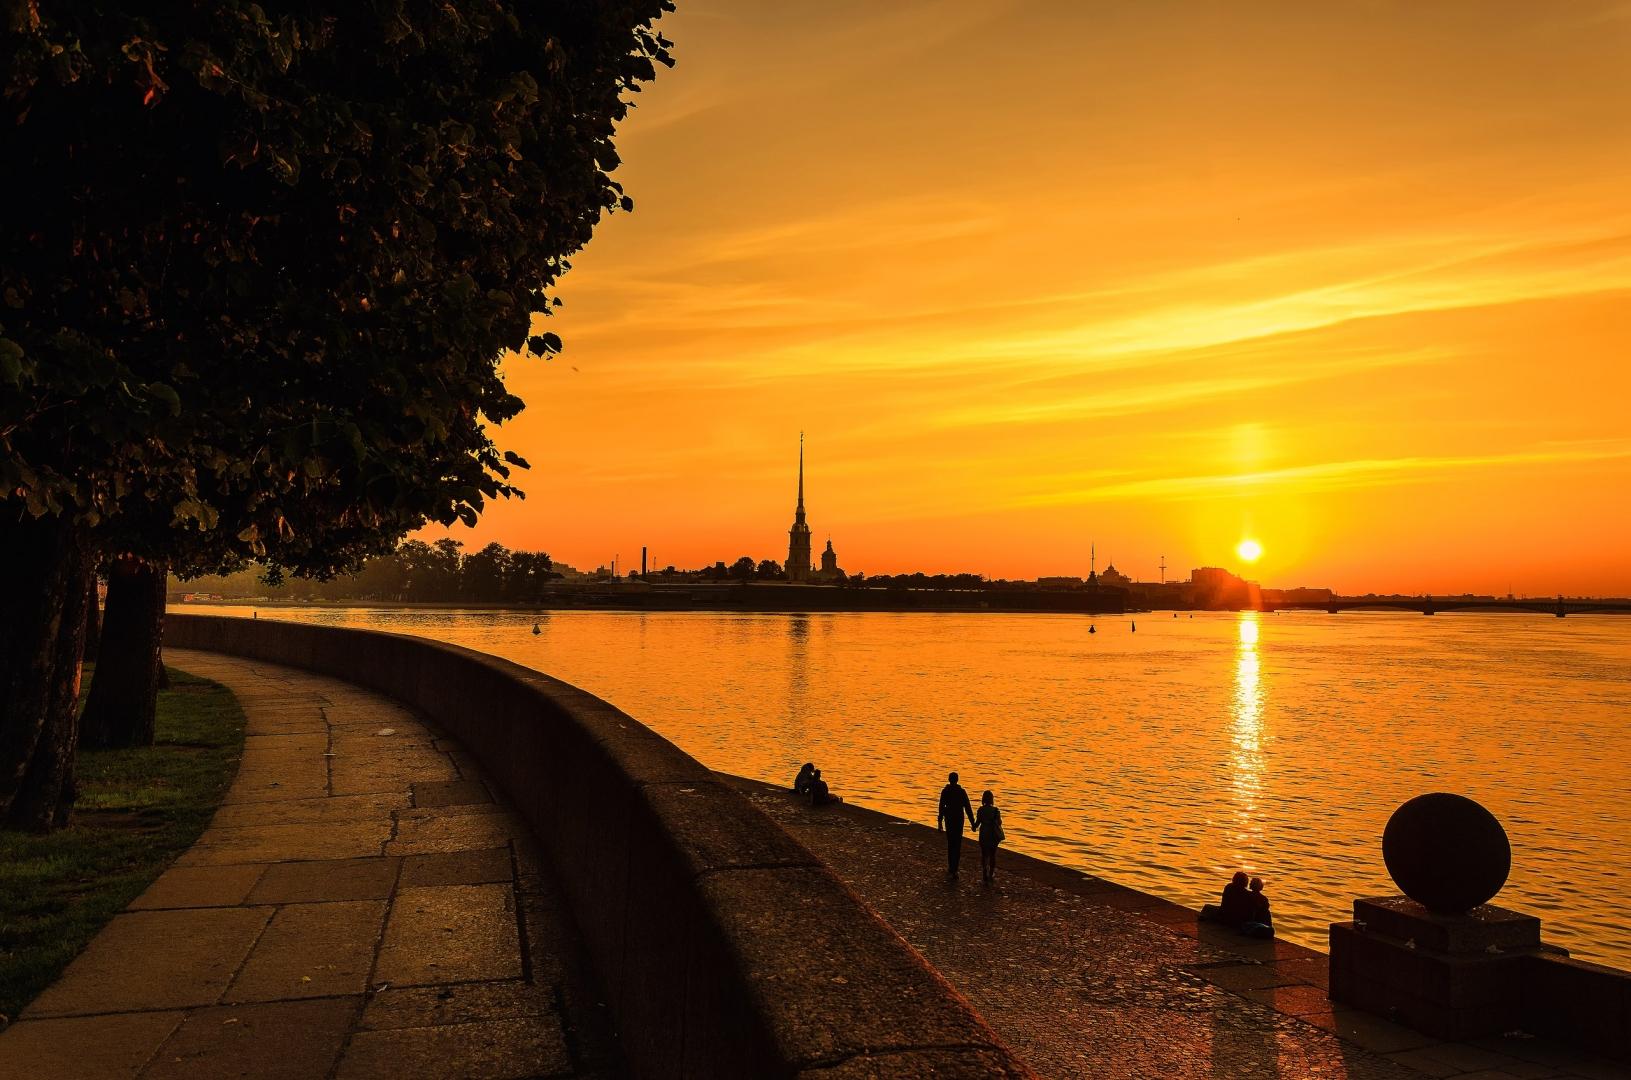 поздравить праздником картинки санкт петербурга в закате сотрудники музея все